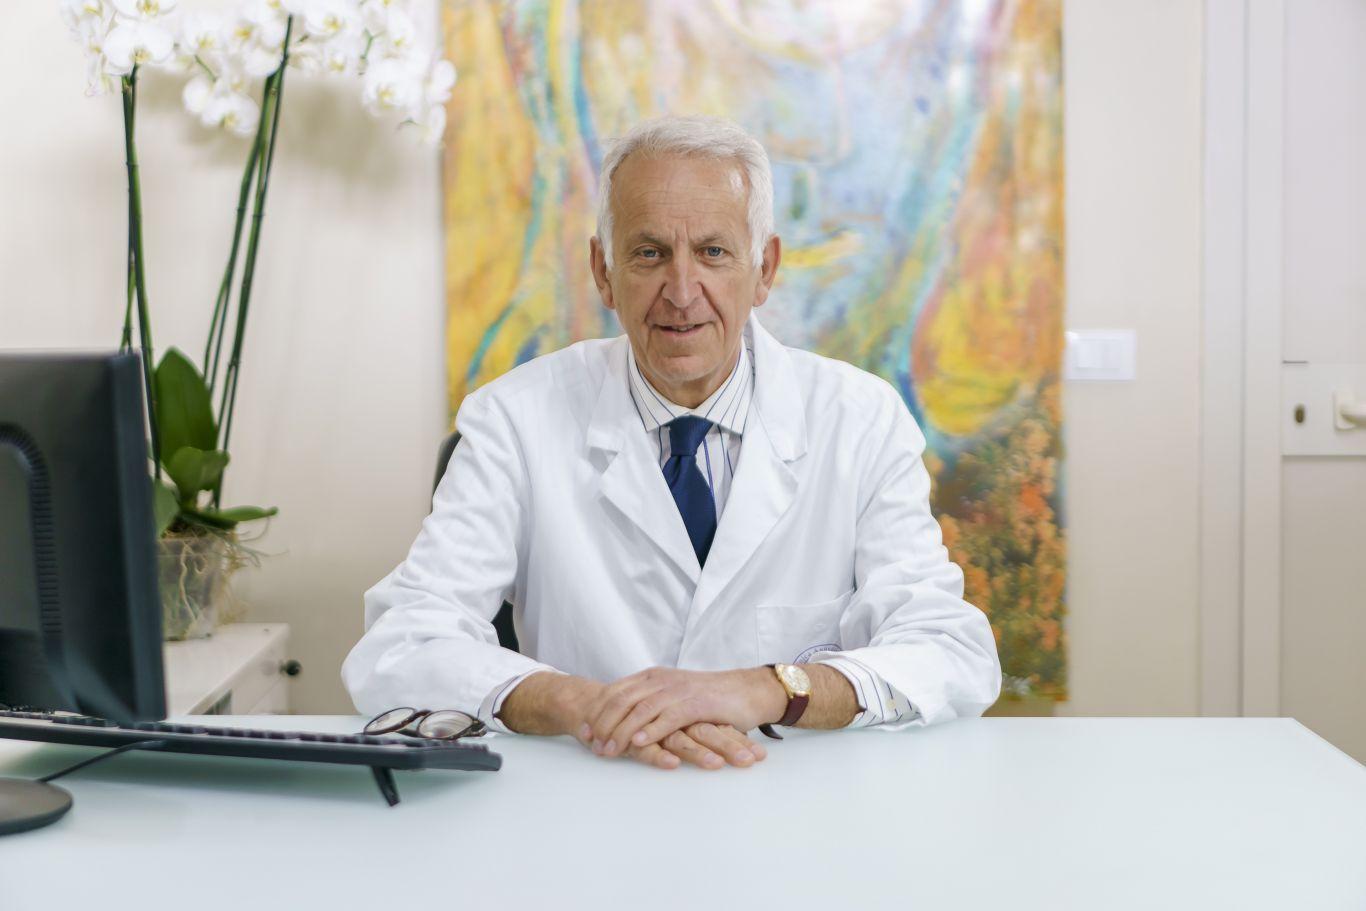 Cardiologo Dottor Giancarlo Stazi Nuova Clinica Annunziatella Roma